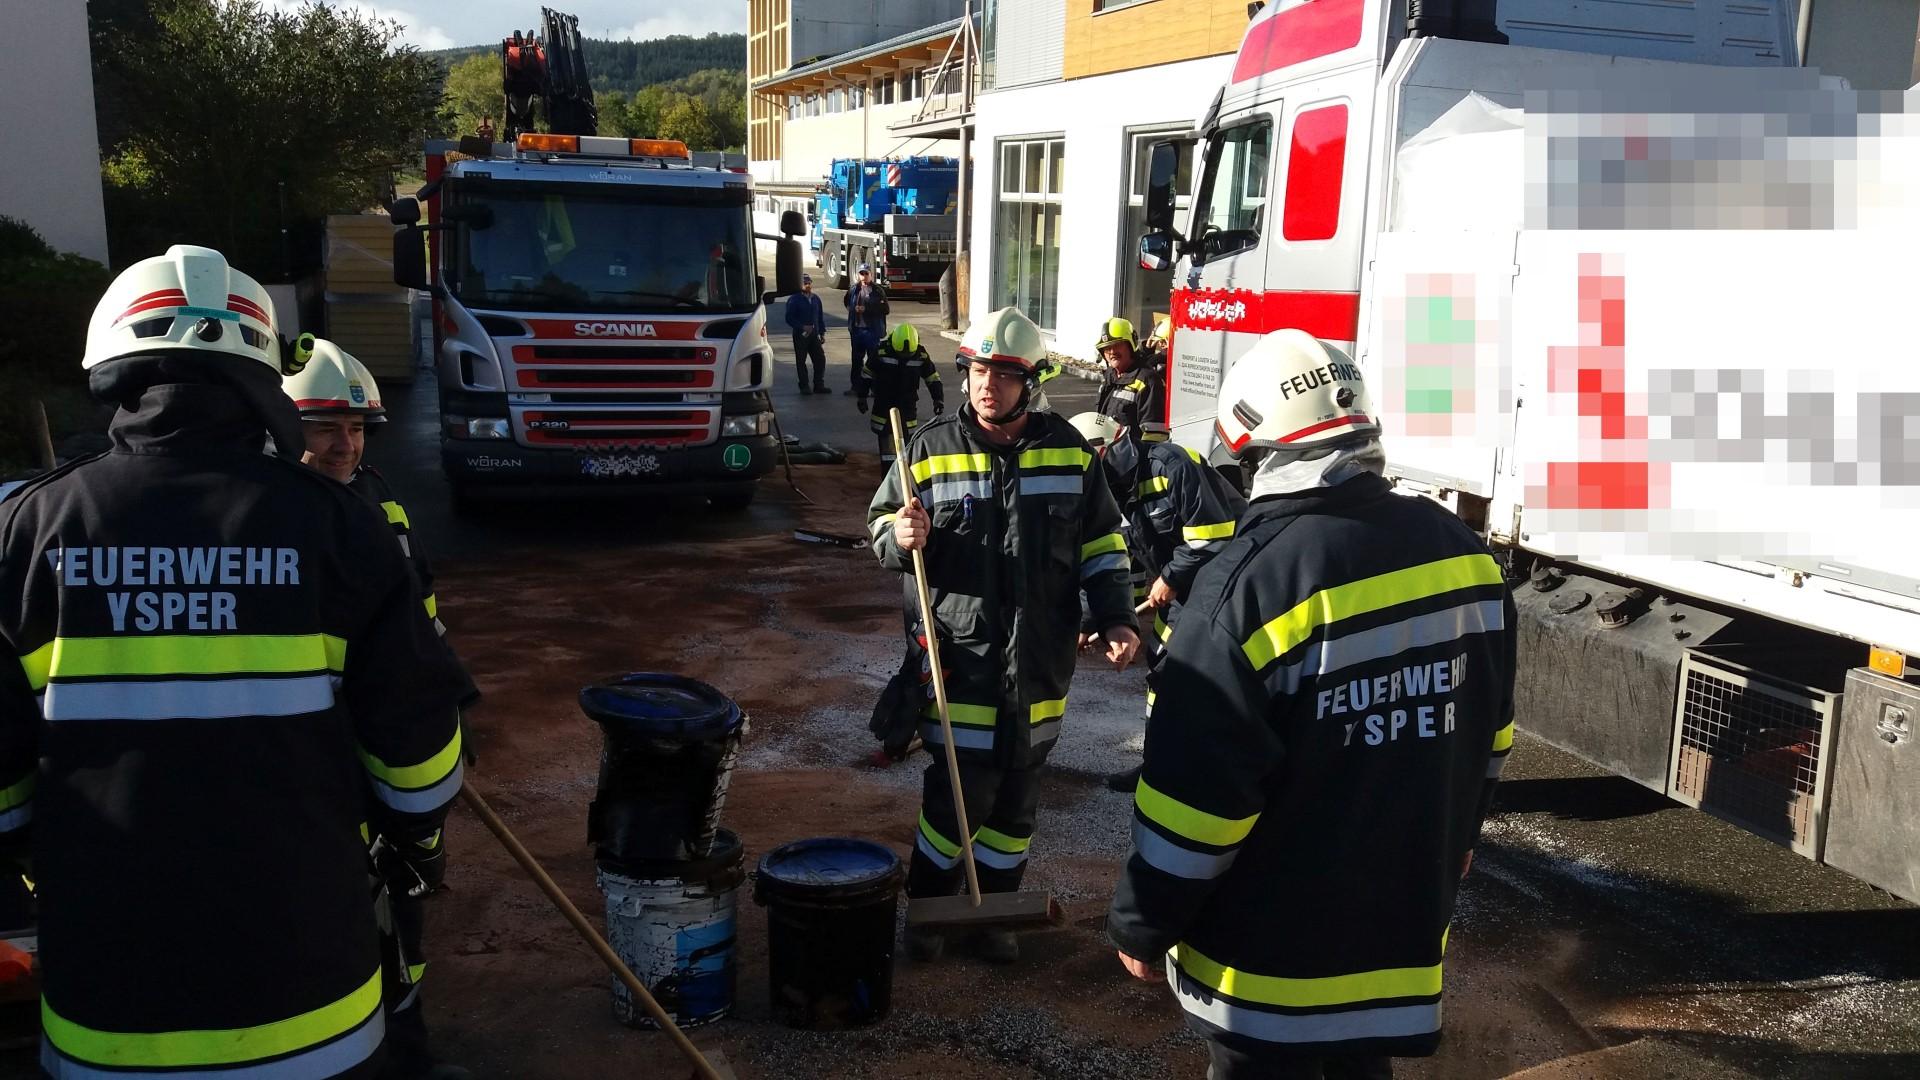 2017.10.09. Schadstoffeinsatz S2 in Yspertal (2)